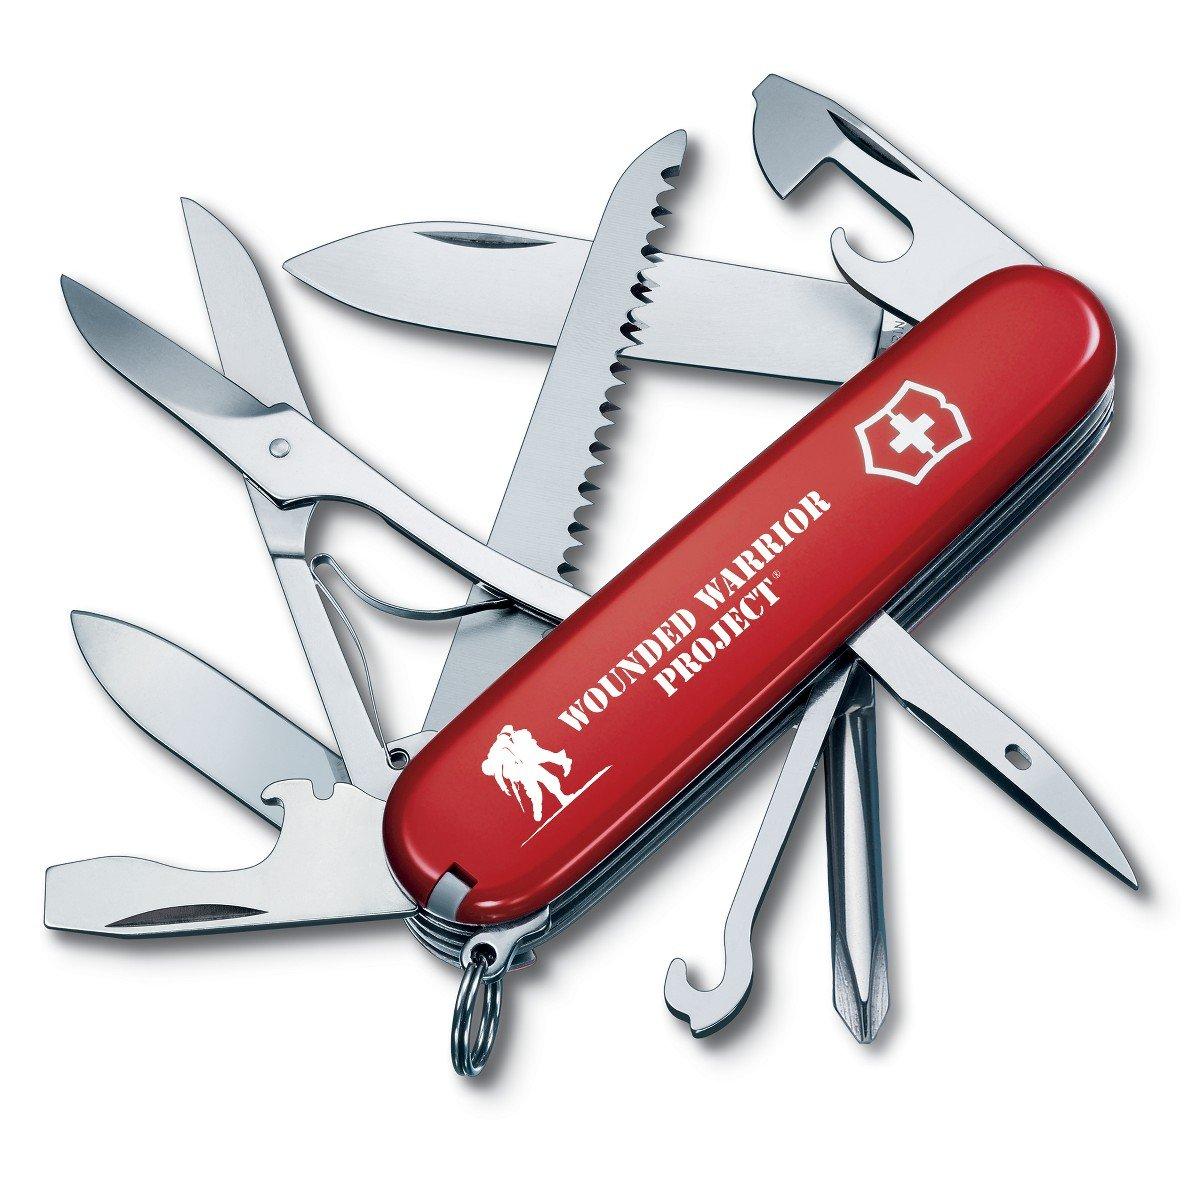 Victorinox Swiss Army Multi-Tool, Fieldmaster Pocket Knife